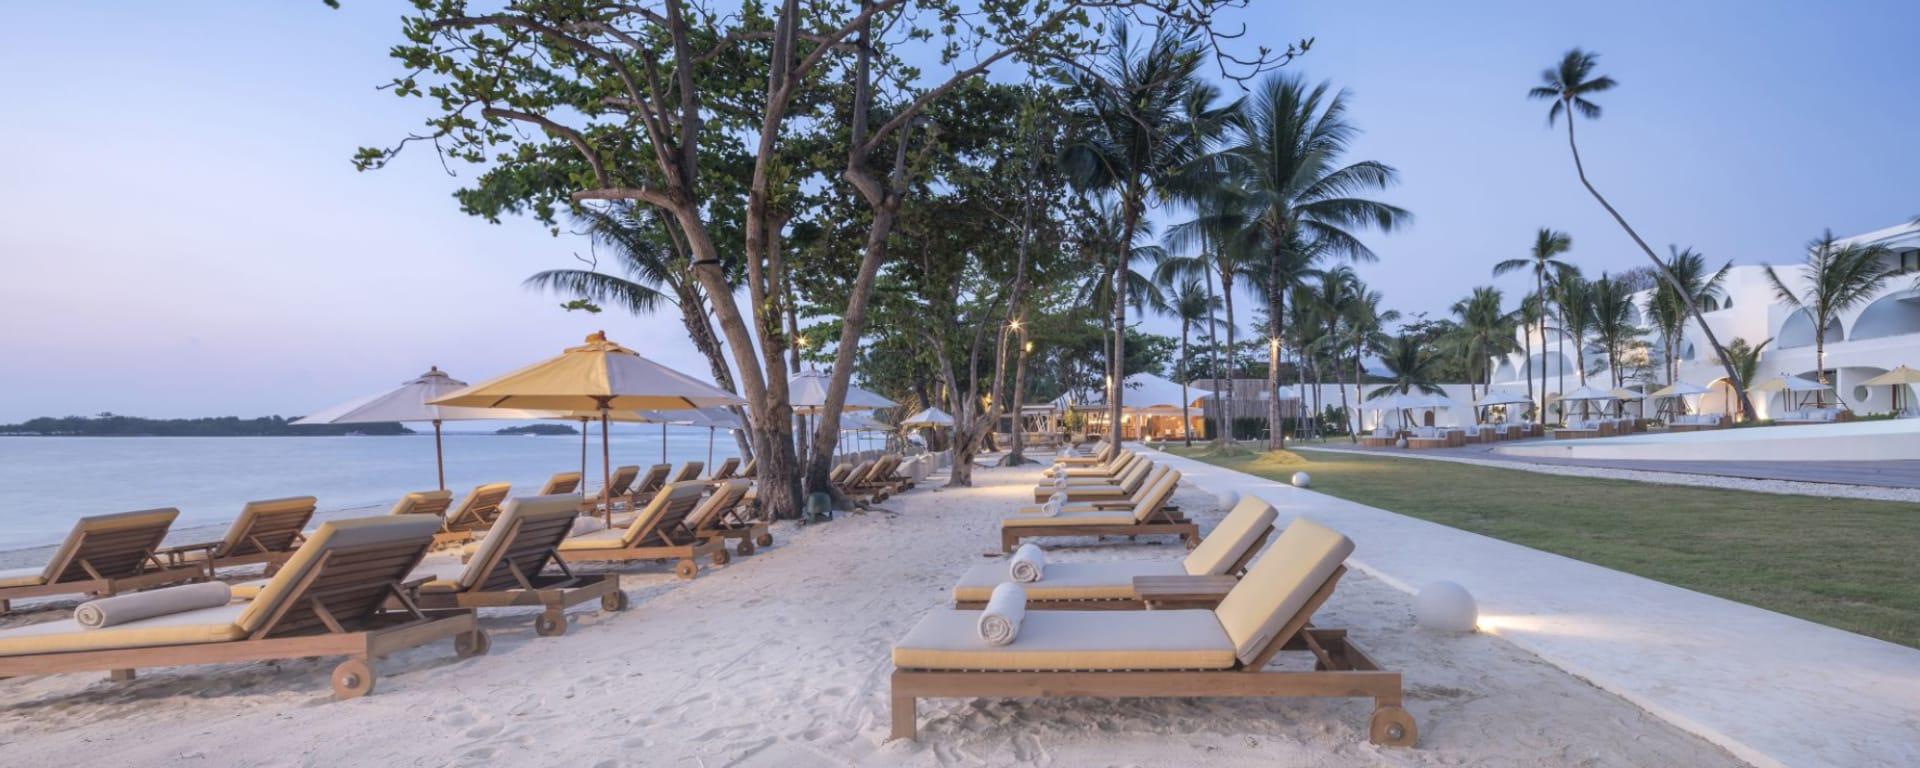 SALA Samui Chaweng Beach Resort in Ko Samui: Beach